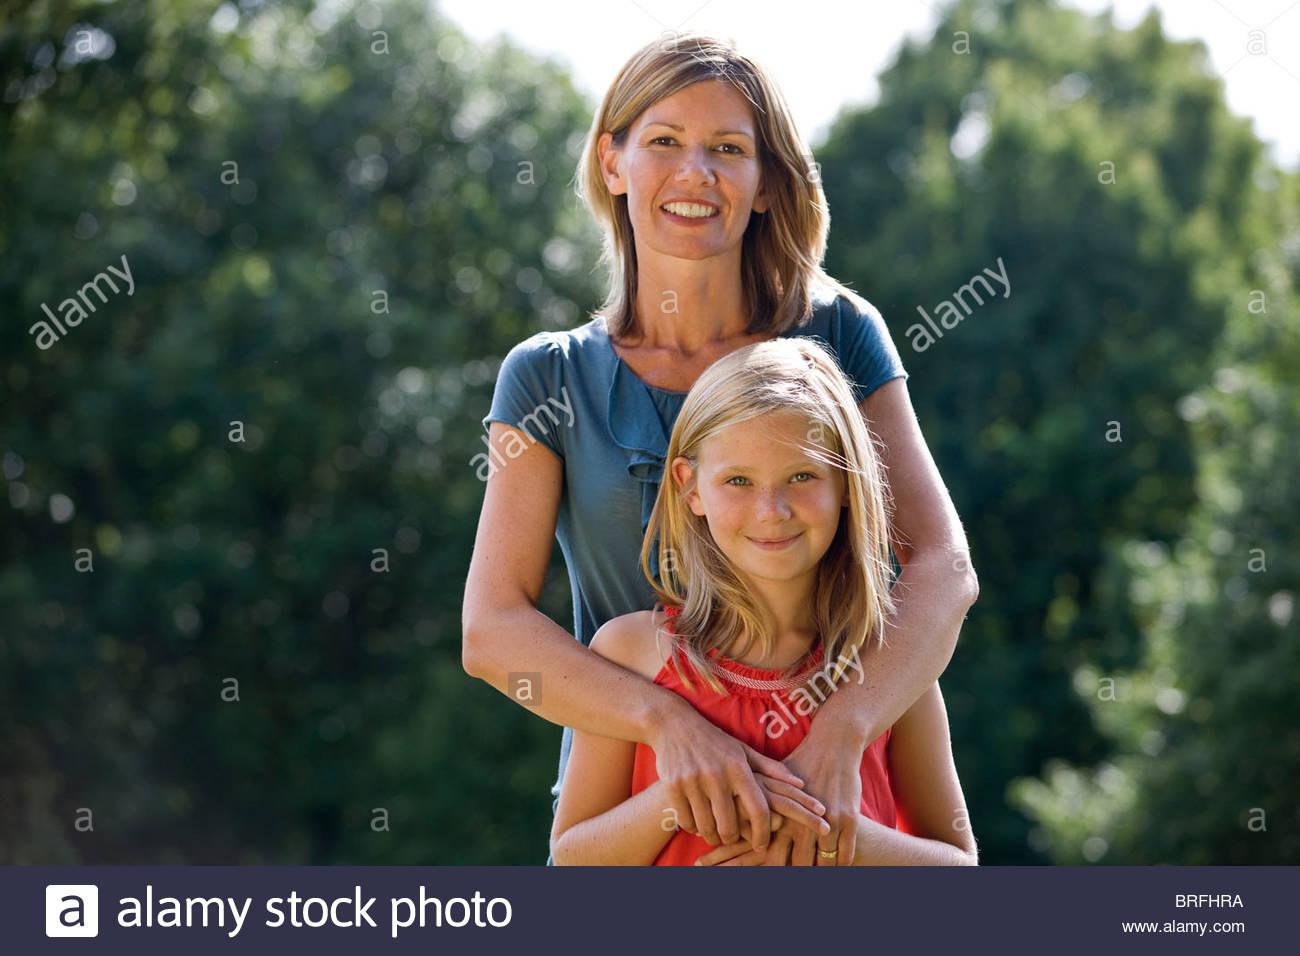 Porträt einer Mutter umarmte ihre Tochter Stockbild